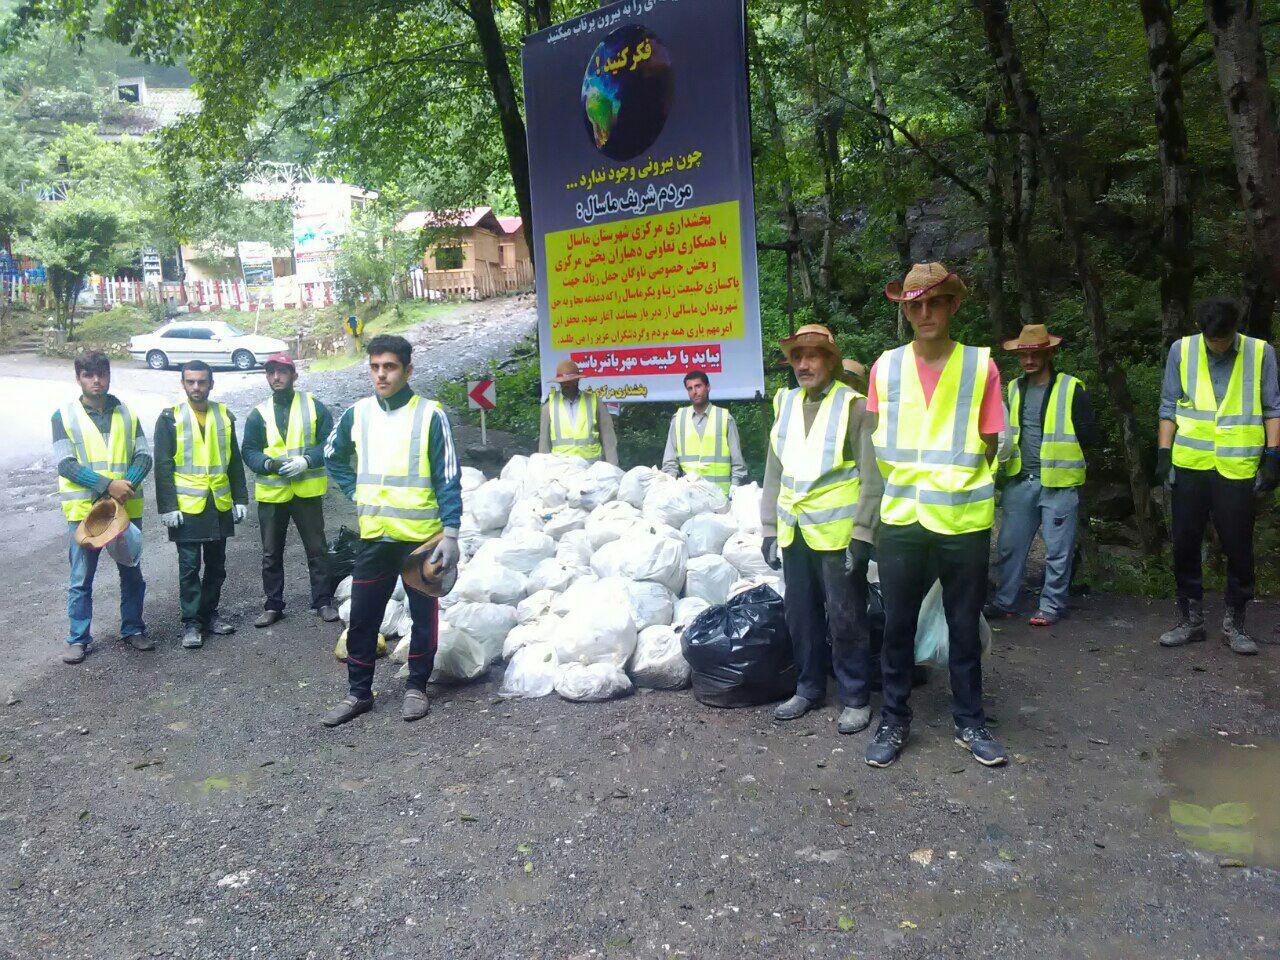 پاکسازی ییلاقات ماسال از زباله